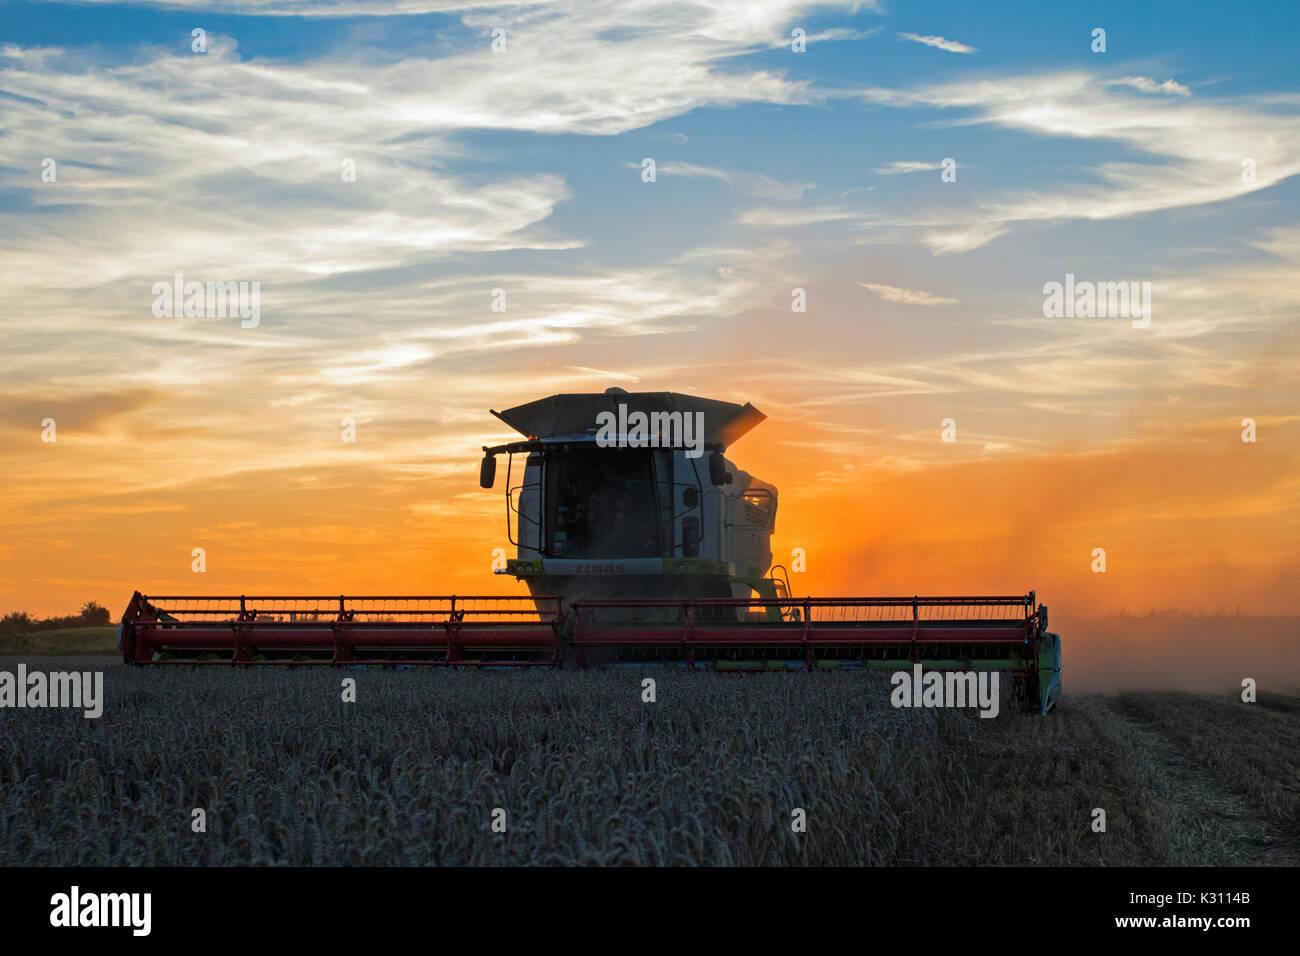 Claas Mähdrescher schneiden Feld von Weizen in der Dämmerung, Cambridgeshire, England Stockfoto